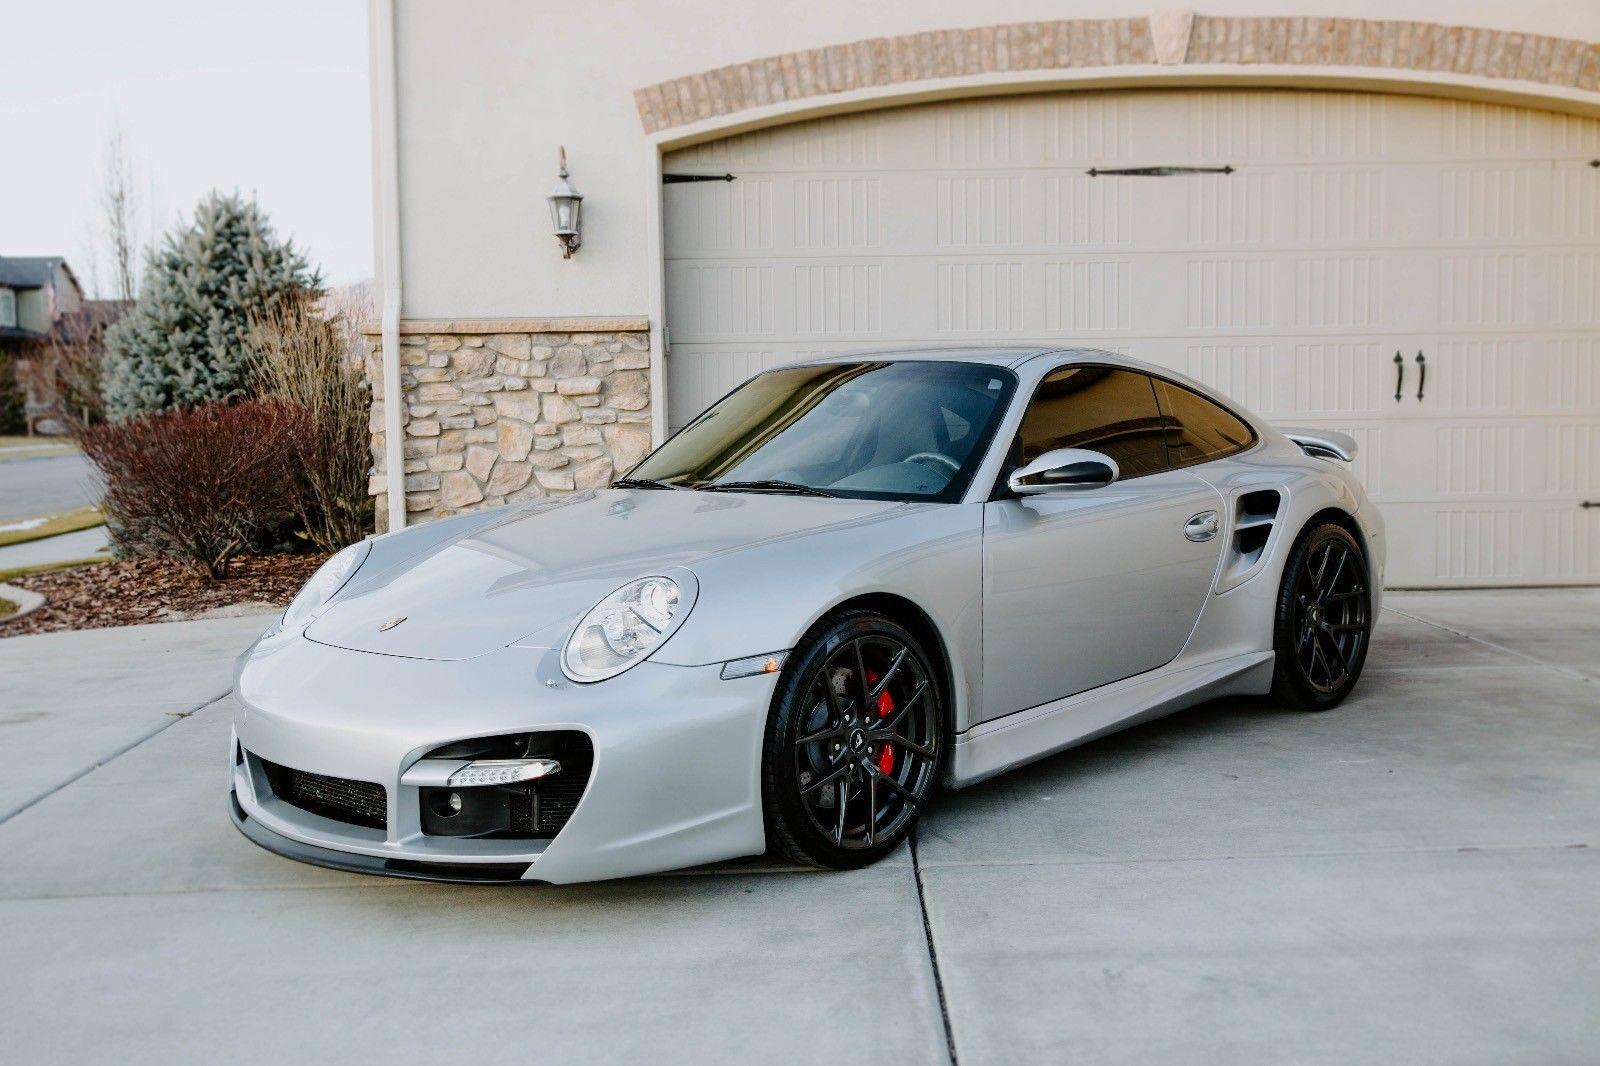 Awesome 2008 Porsche 911 Turbo 2008 Porsche 911 Turbo